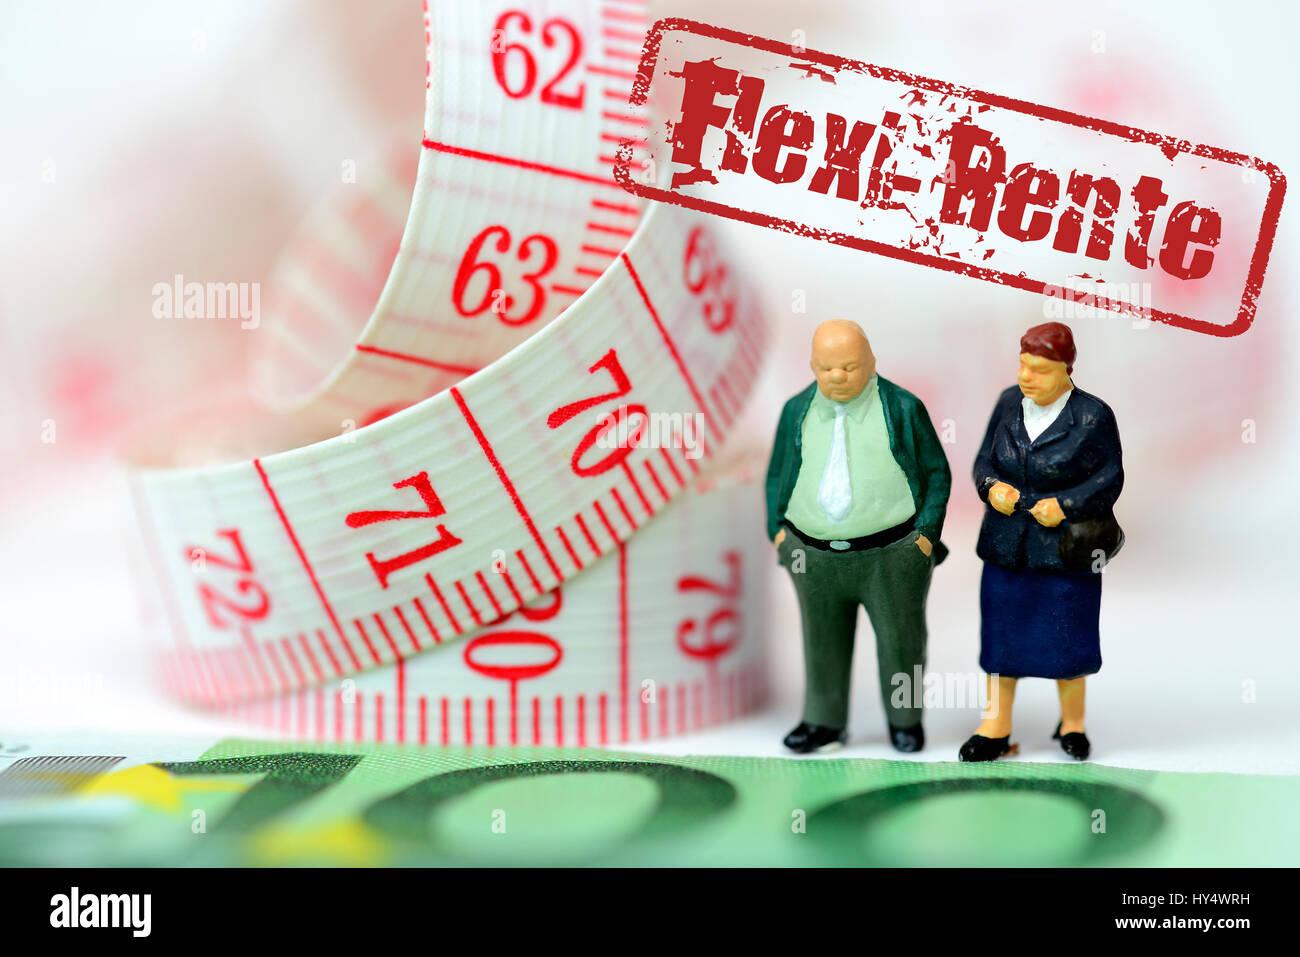 Les personnes âgées et de la dimension symbolique, ruban Flexi photo pension, Senioren und ma?Symbolfoto Flexi-Rente, bande Banque D'Images